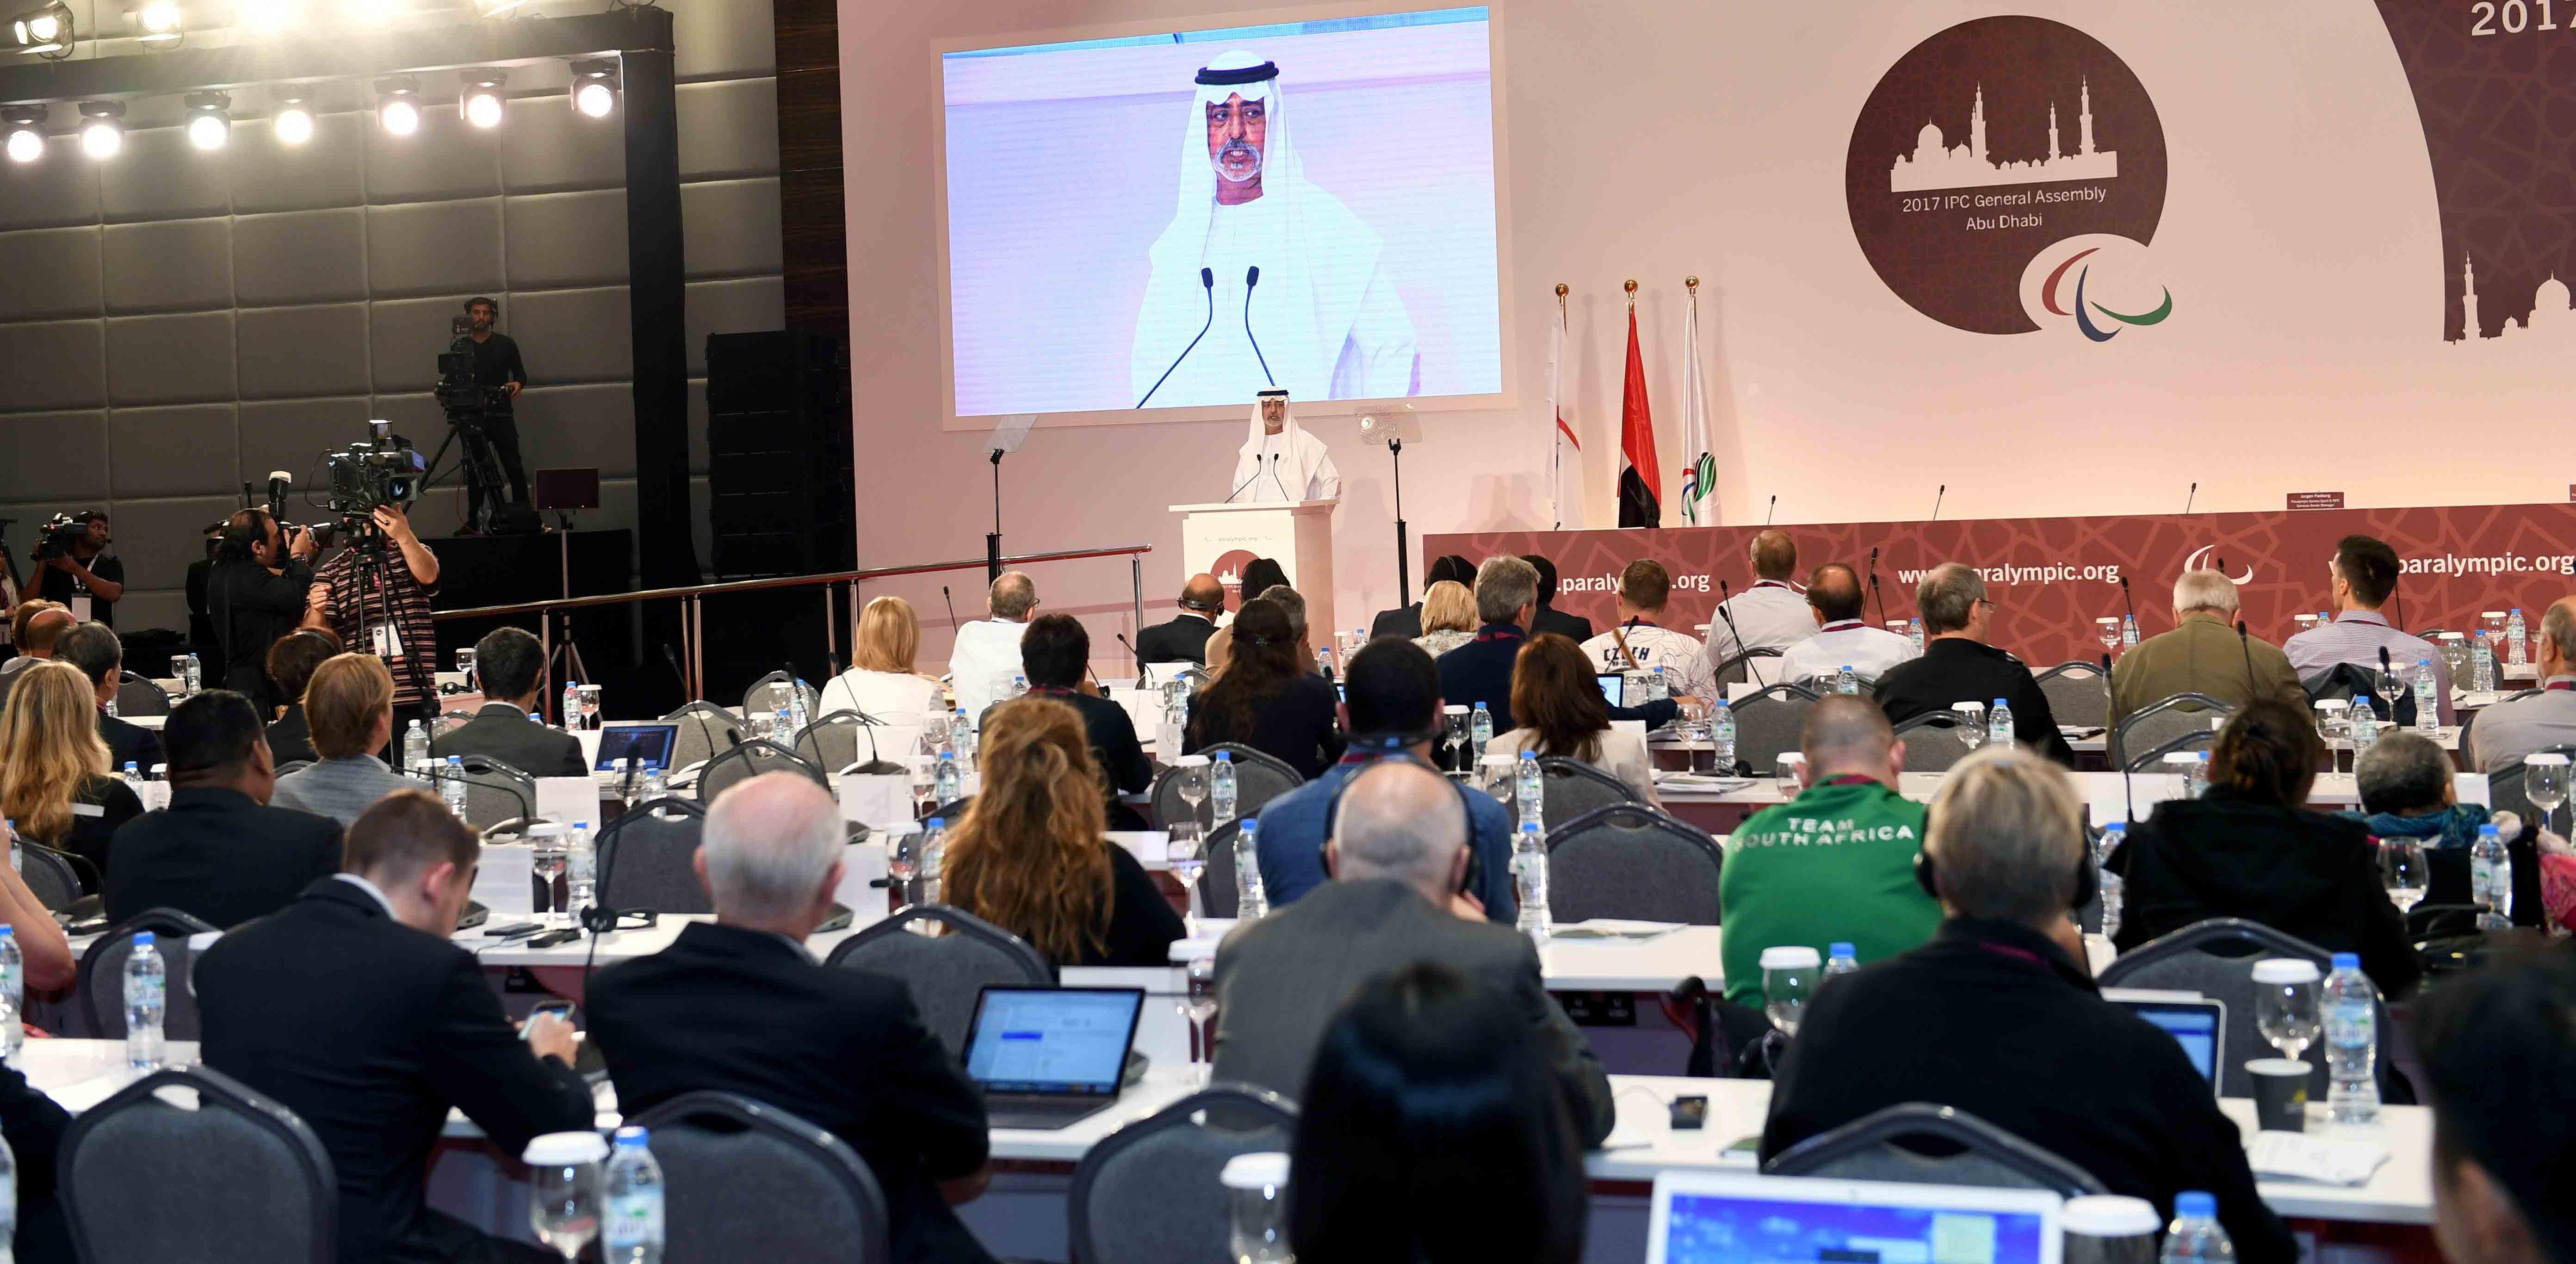 نهيان بن مبارك يفتتح فعاليات المؤتمر الدولي للجنة البارالمبية الدولية 2